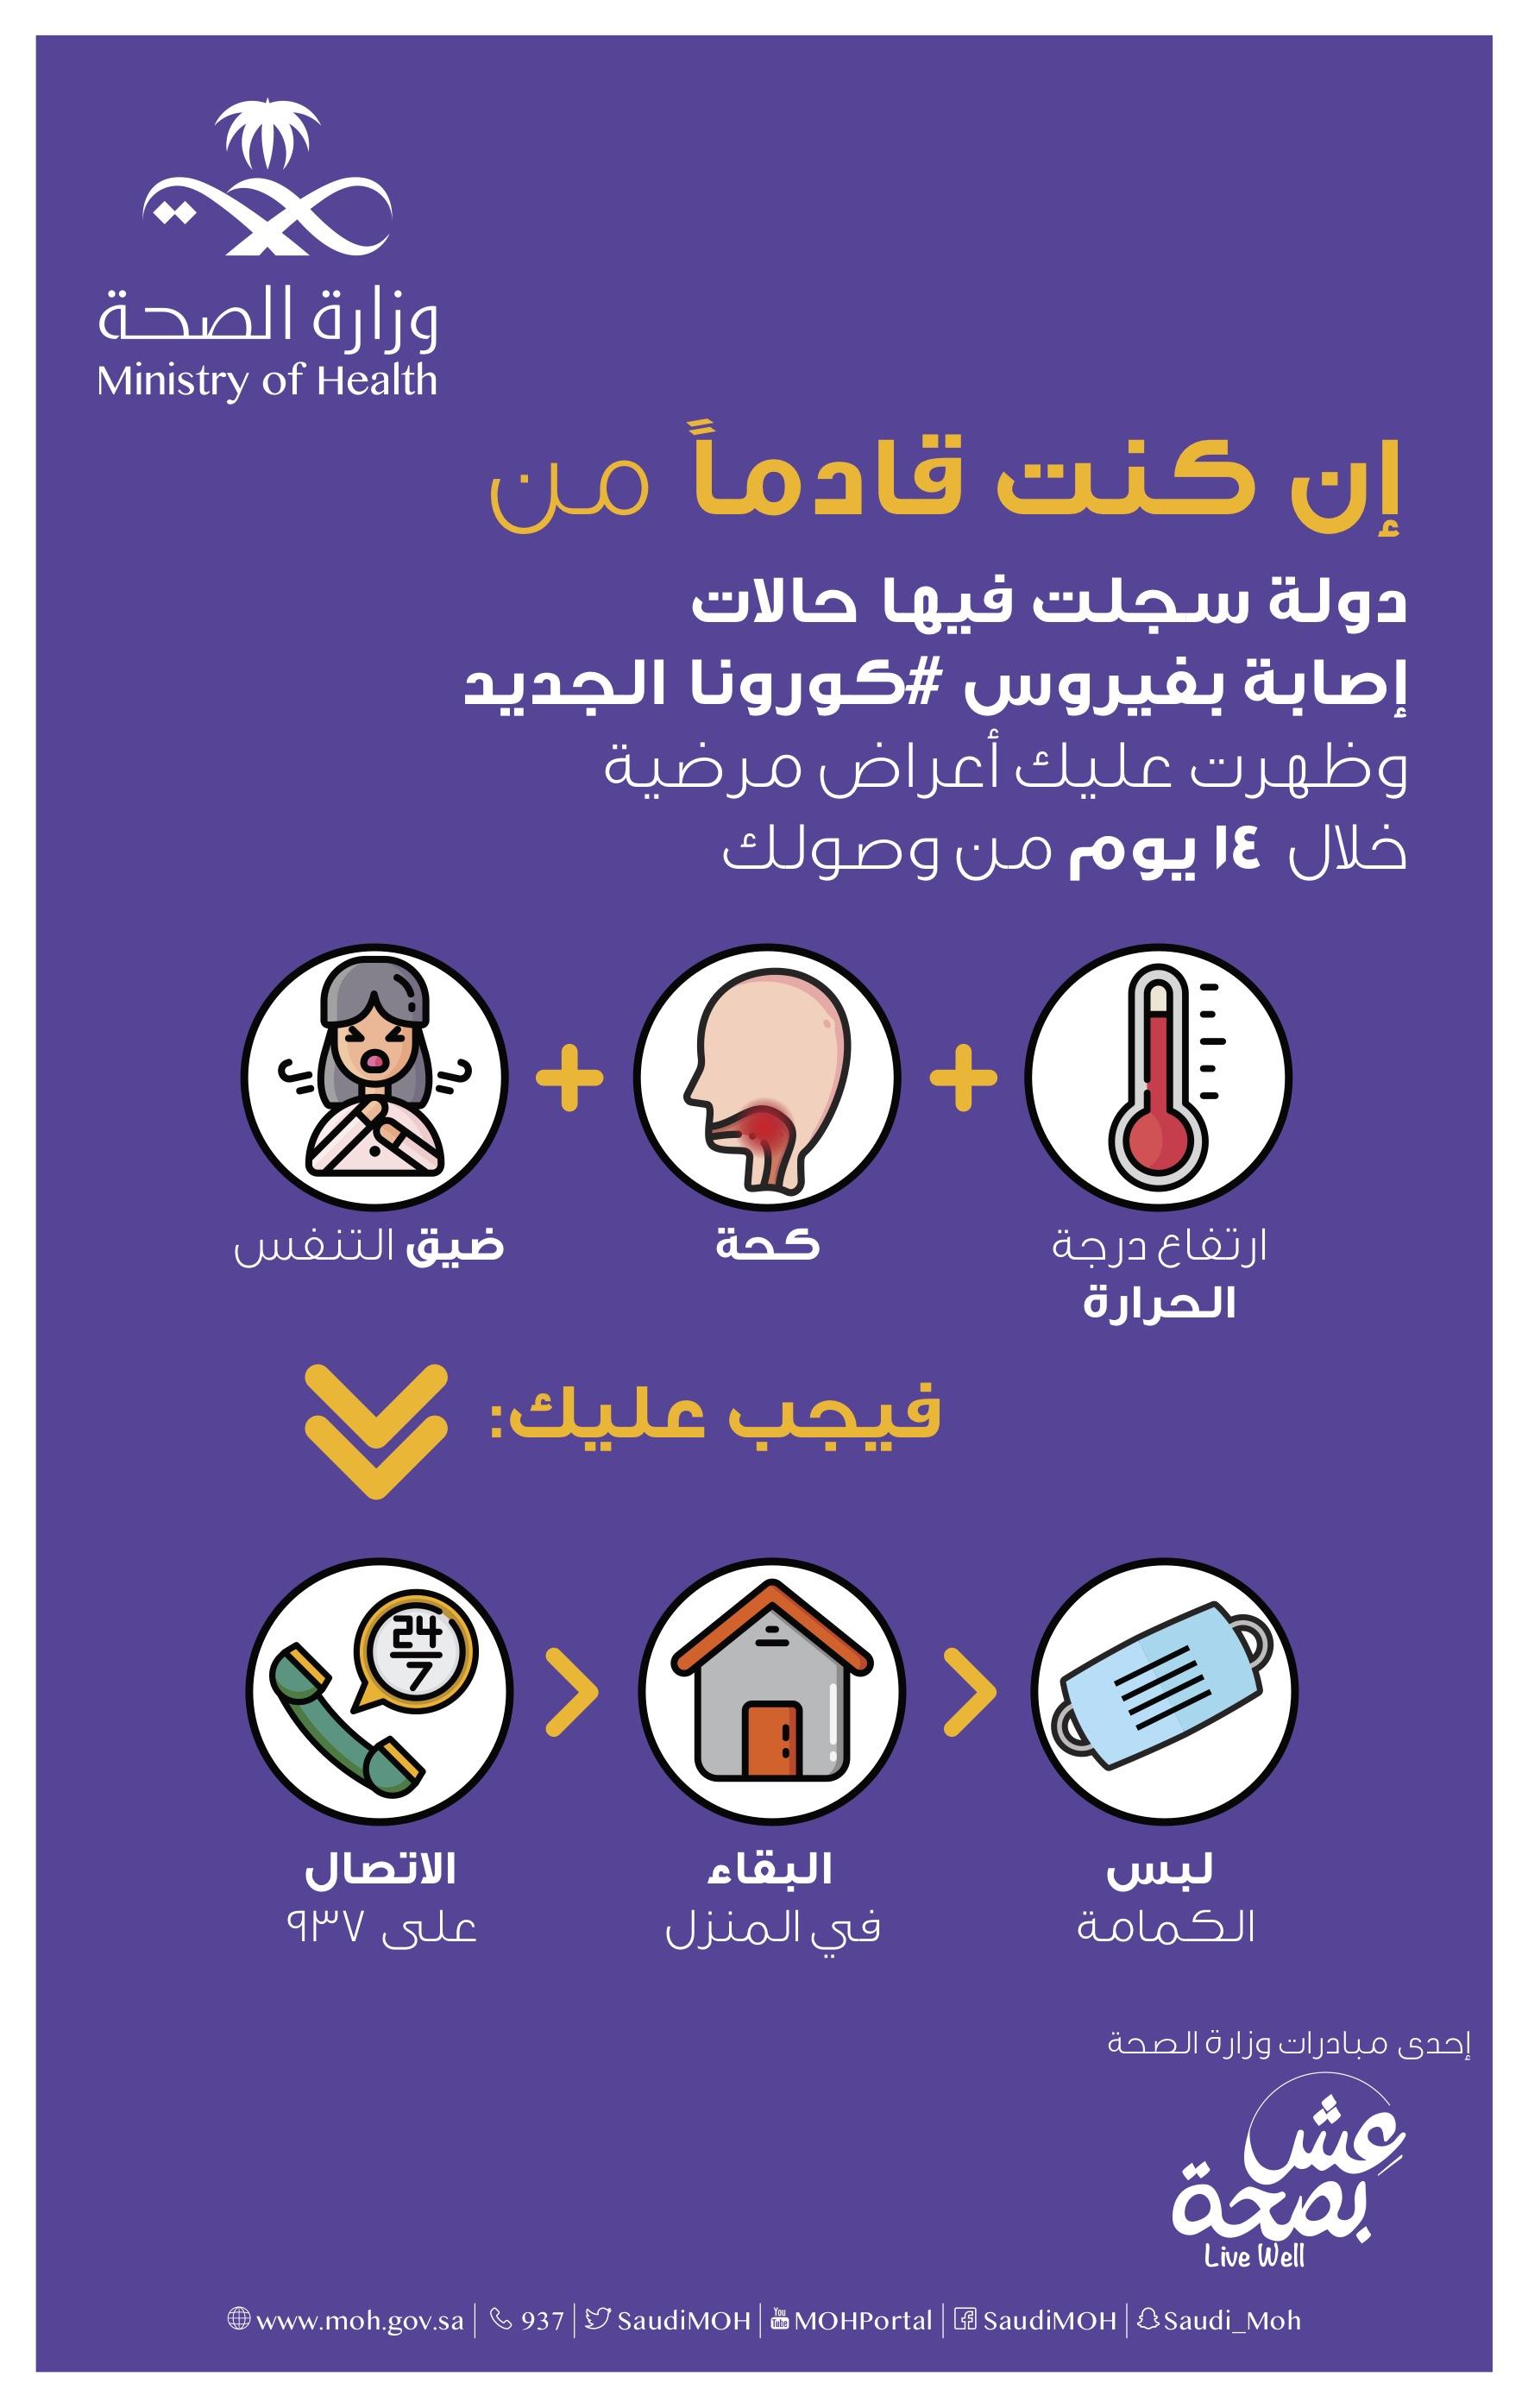 ماهي اعراض كورونا وزارة الصحة السعودية